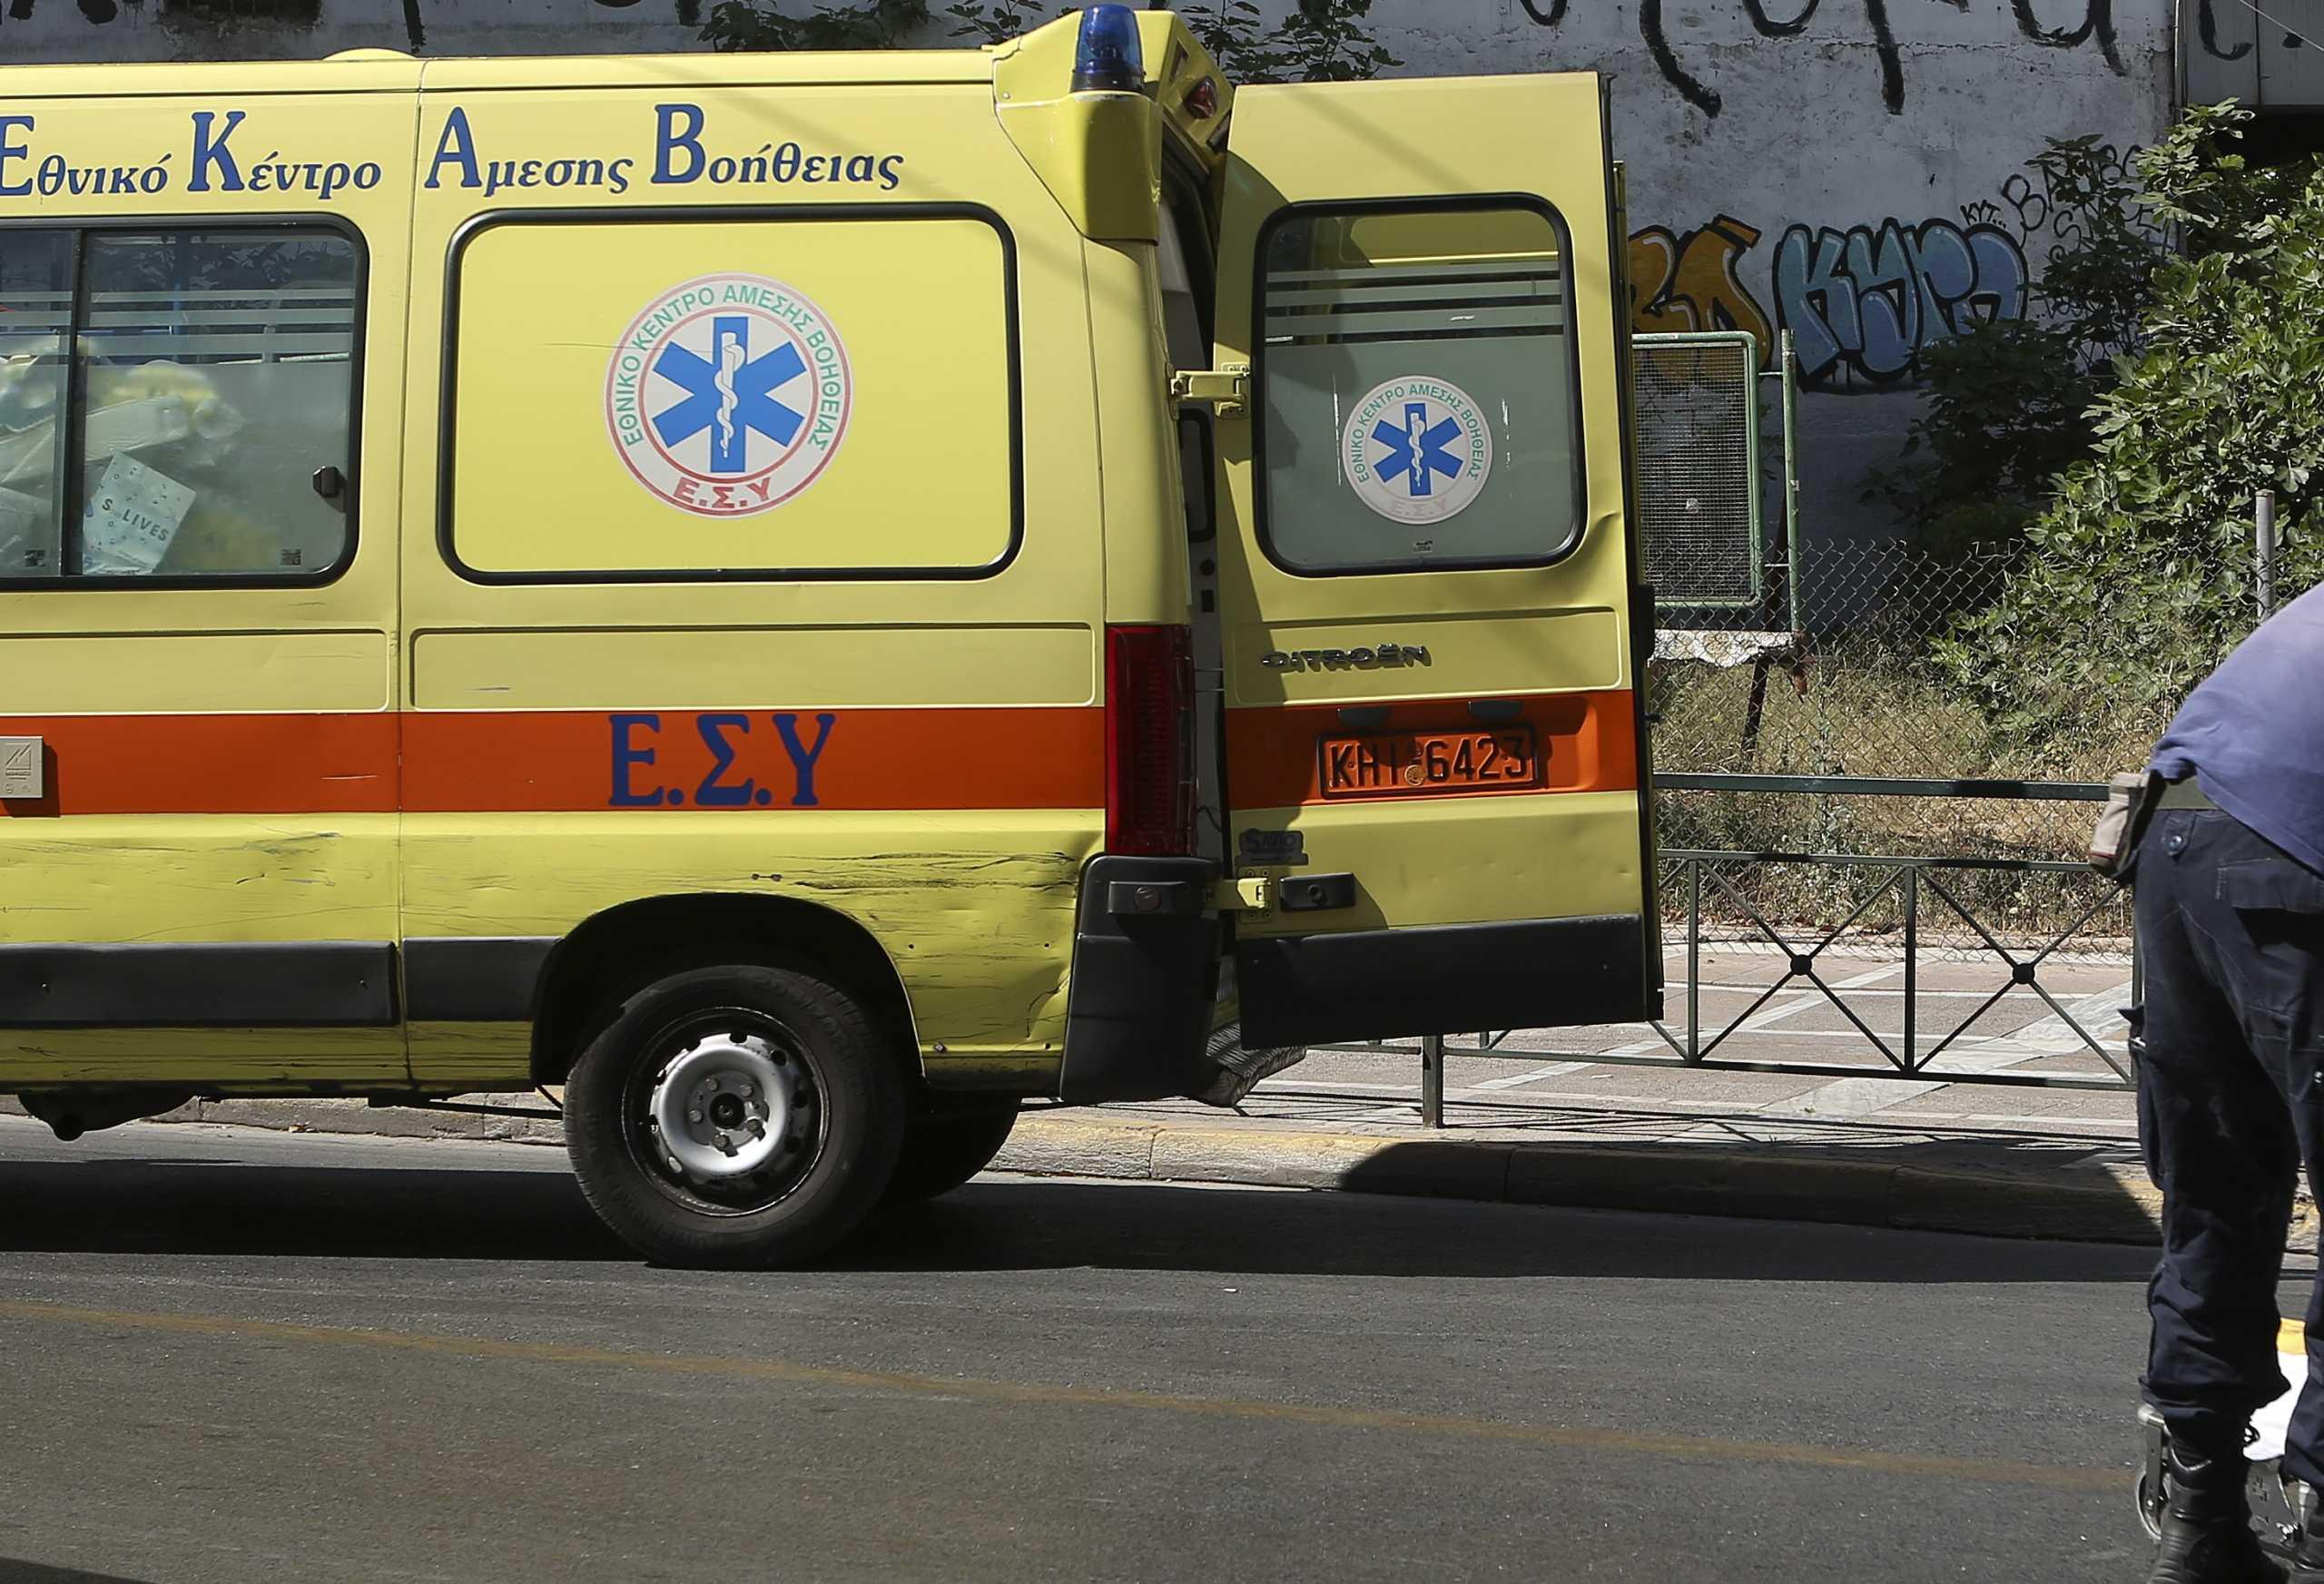 Θεσσαλονίκη: Ακαριαίος θάνατος για οδηγό μηχανής – Ξεψύχησε στην άκρη του δρόμου